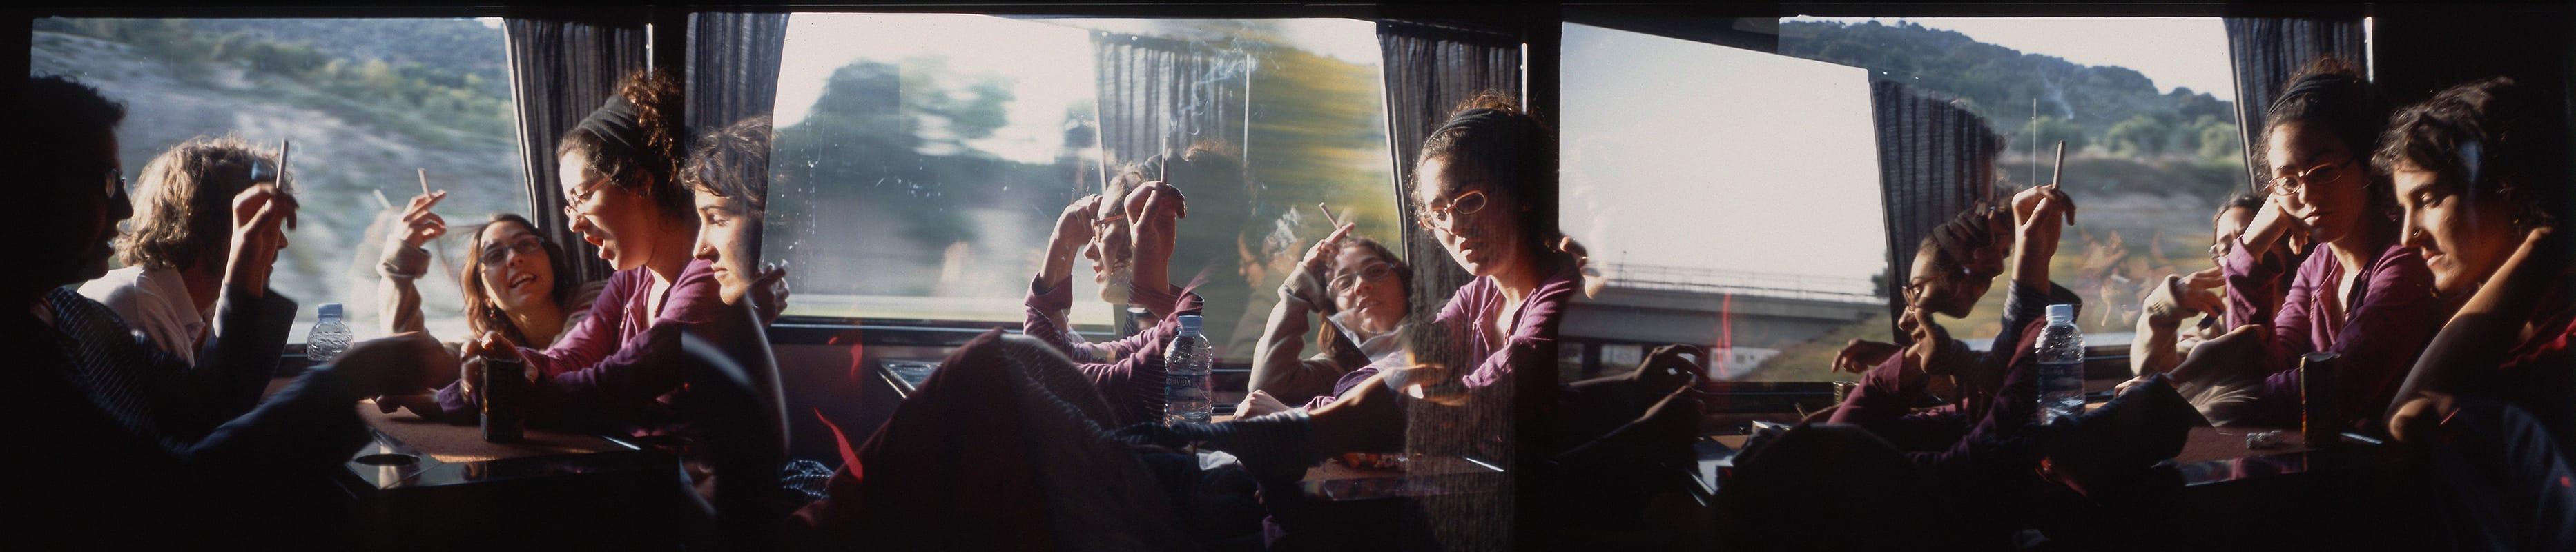 Bus 2000